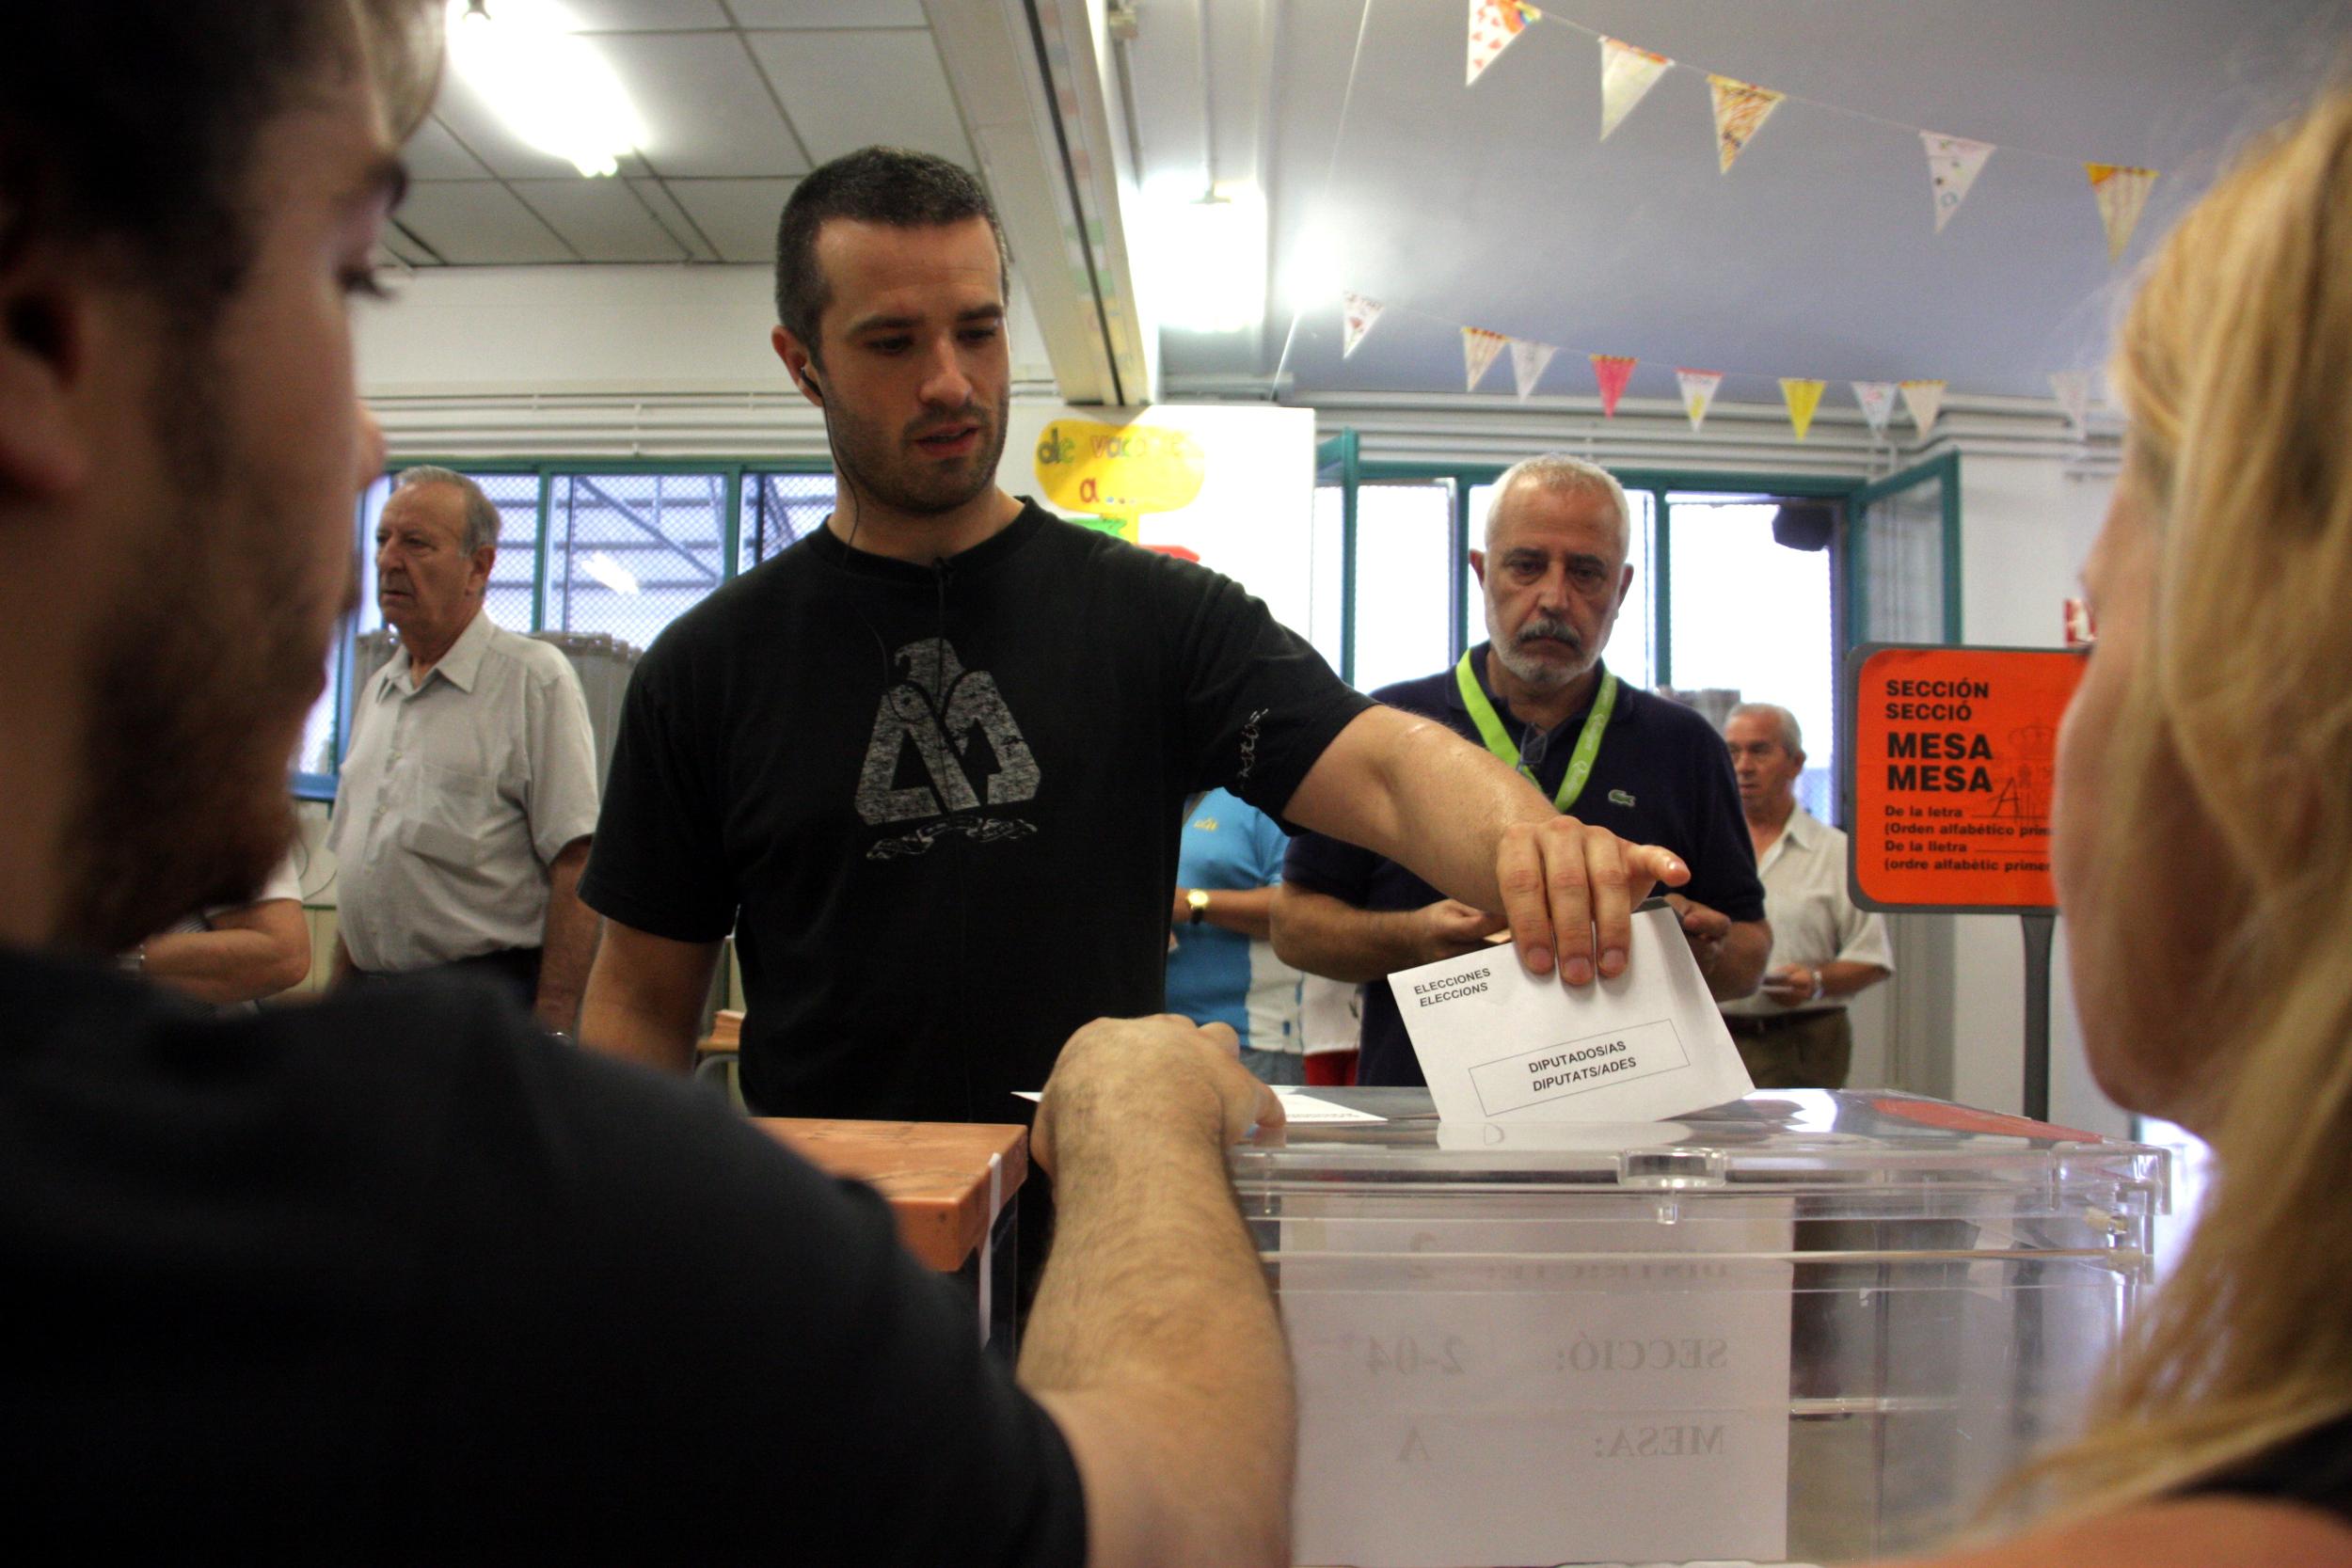 Un home diposita el seu vot a l'urna davant la mirada dels membres de la mesa en un col·legi electoral de Sabadell, el 26 de juny de 2016, en una imatge d'arxiu / ACN